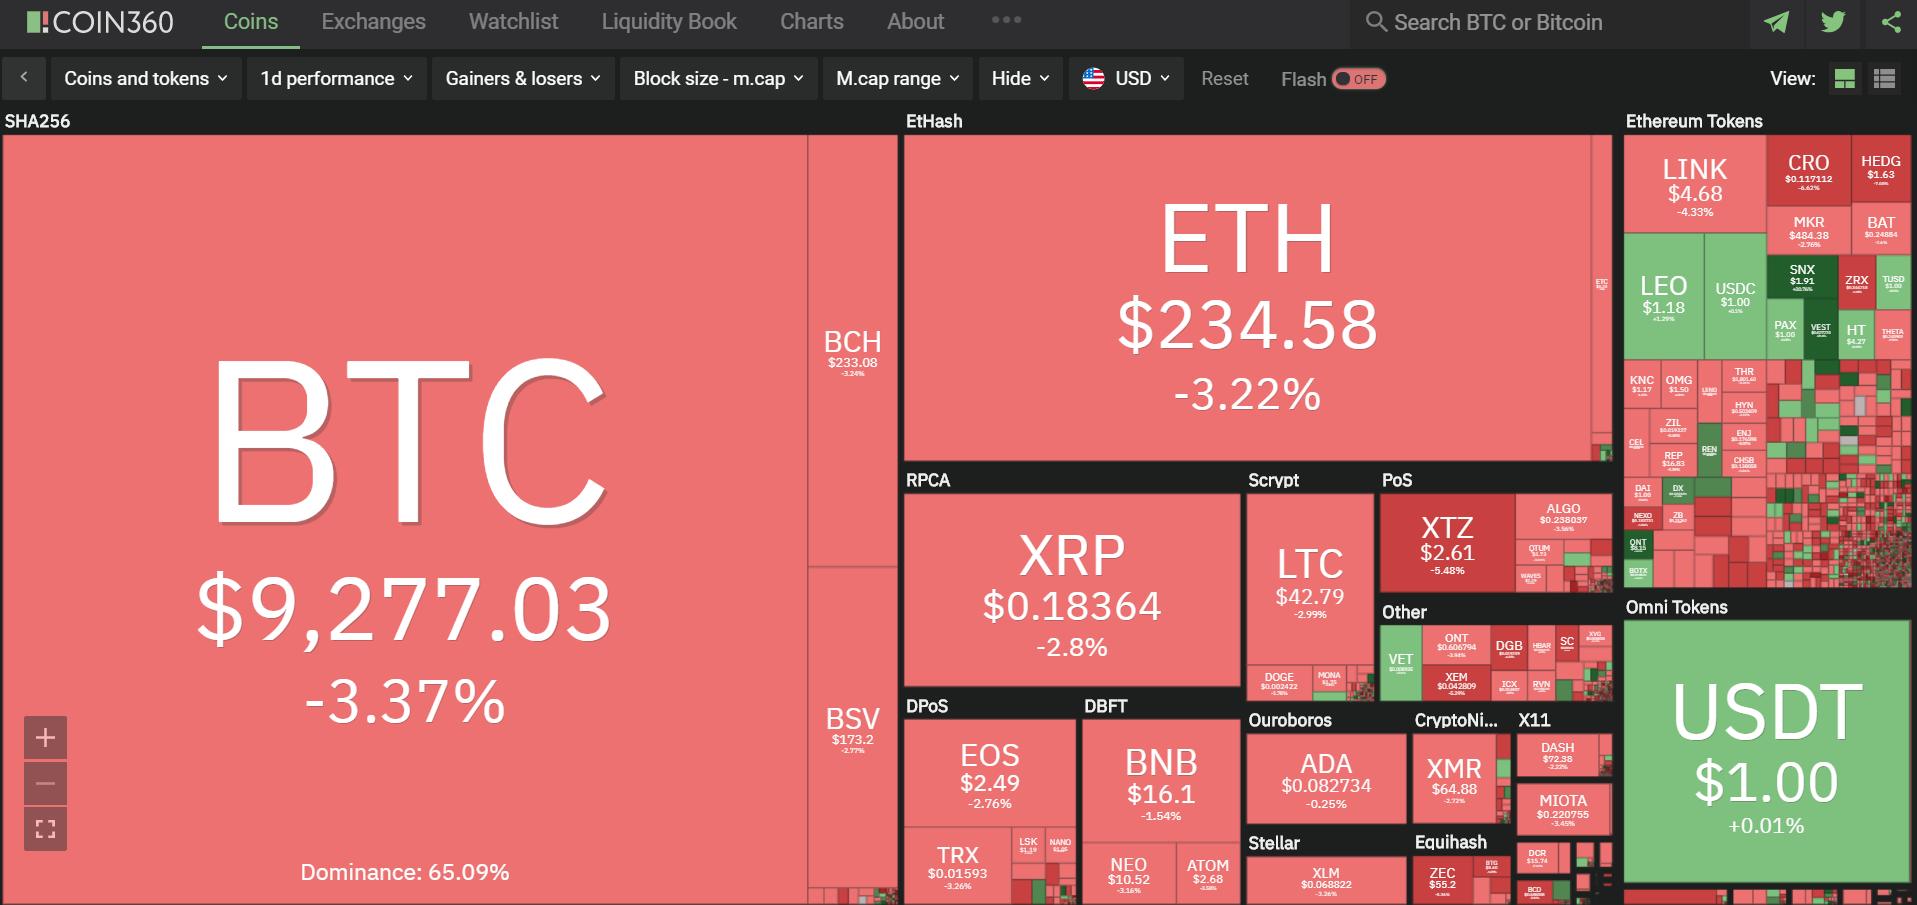 Toàn cảnh thị trường ngày 25/6 (nguồn: Coin360.com)